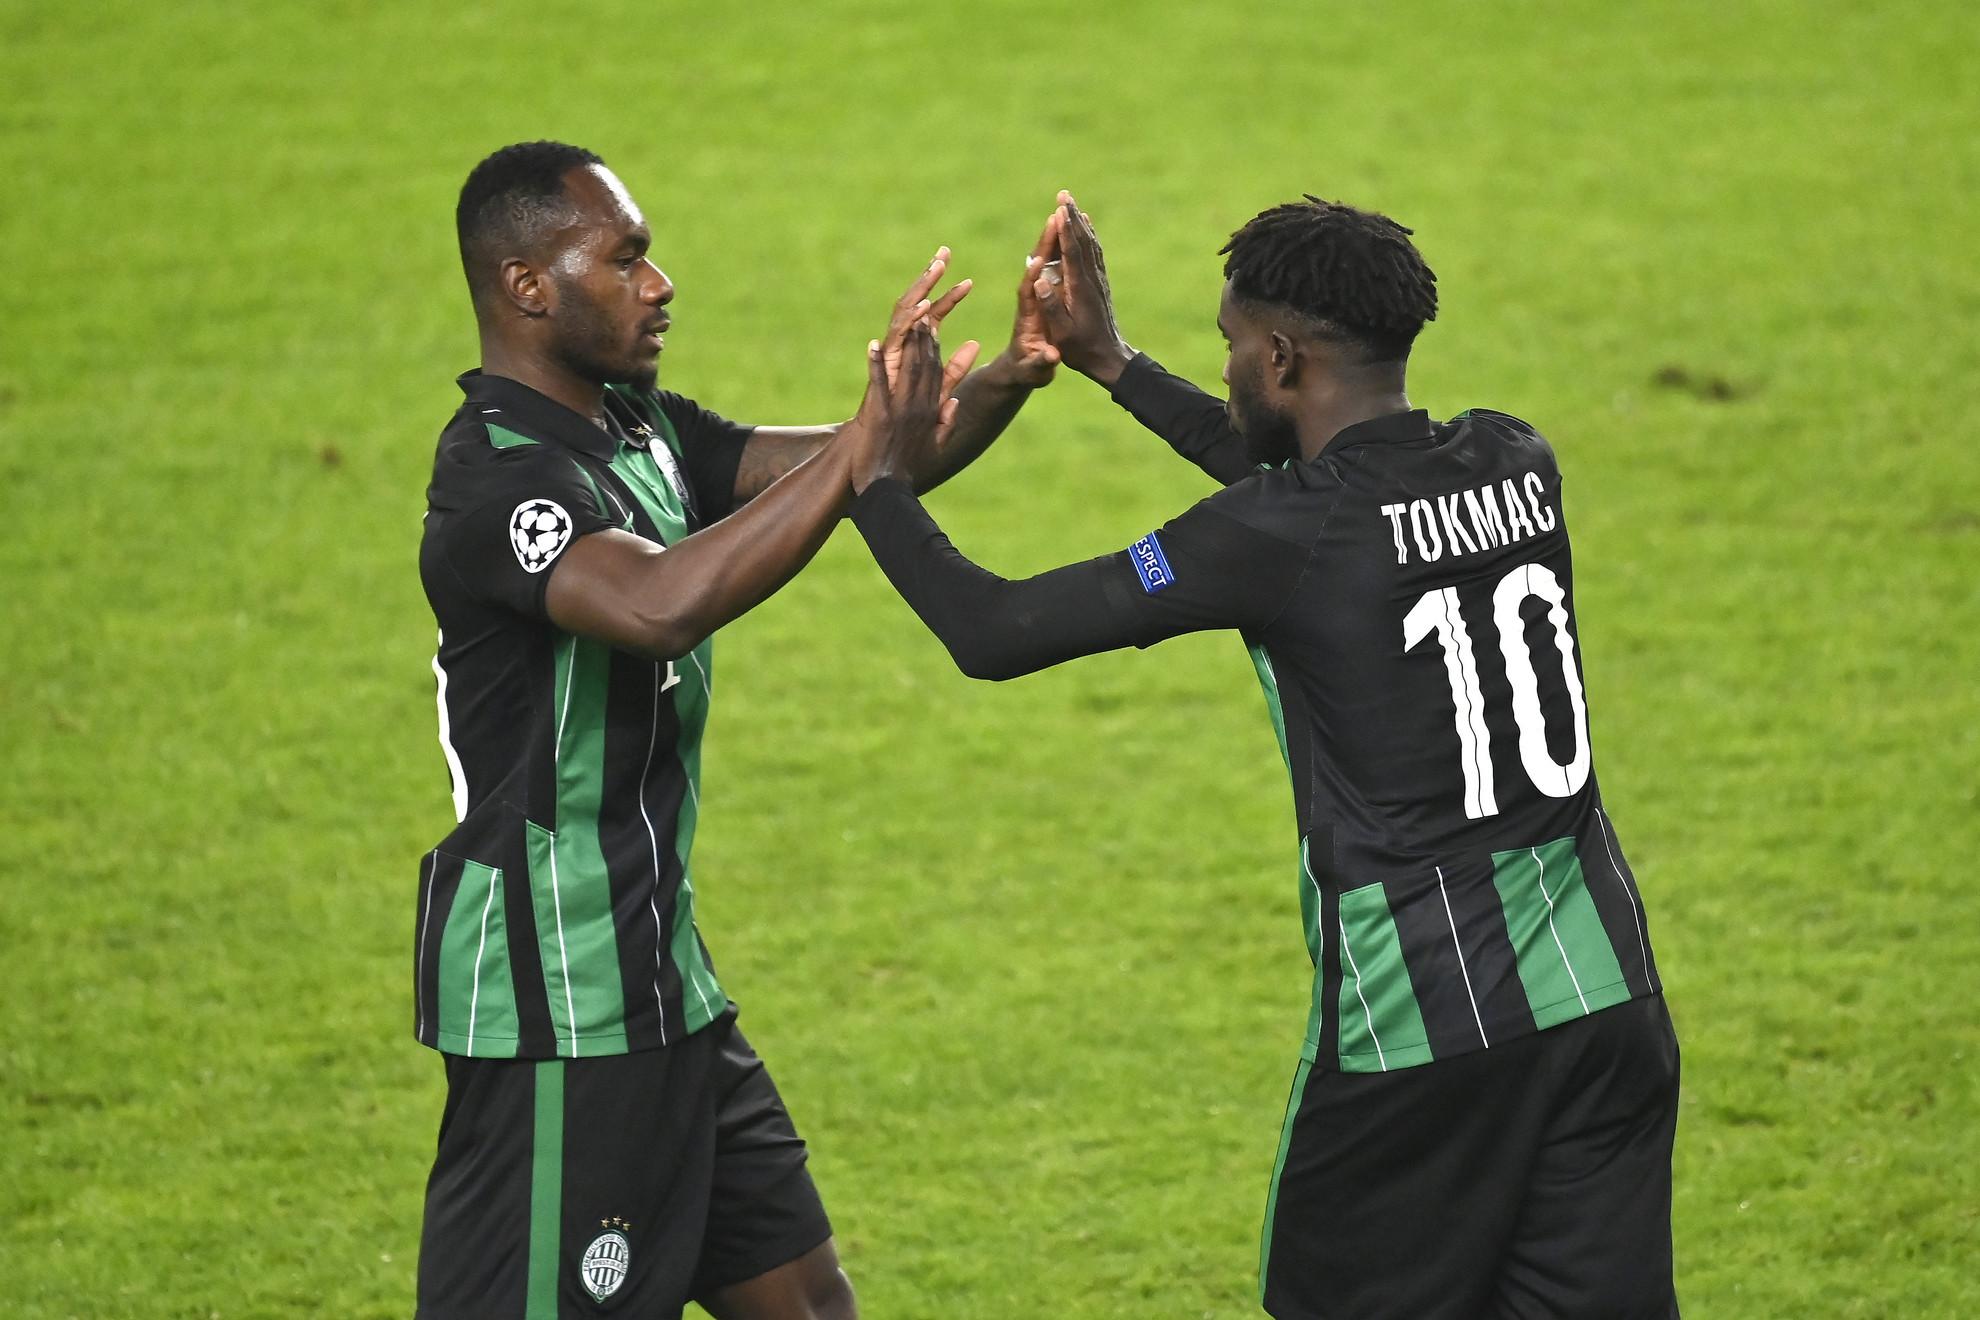 A Ferencváros két gólszerzője: Franck Boli (balra) és Tokmac Nguen pacsizik